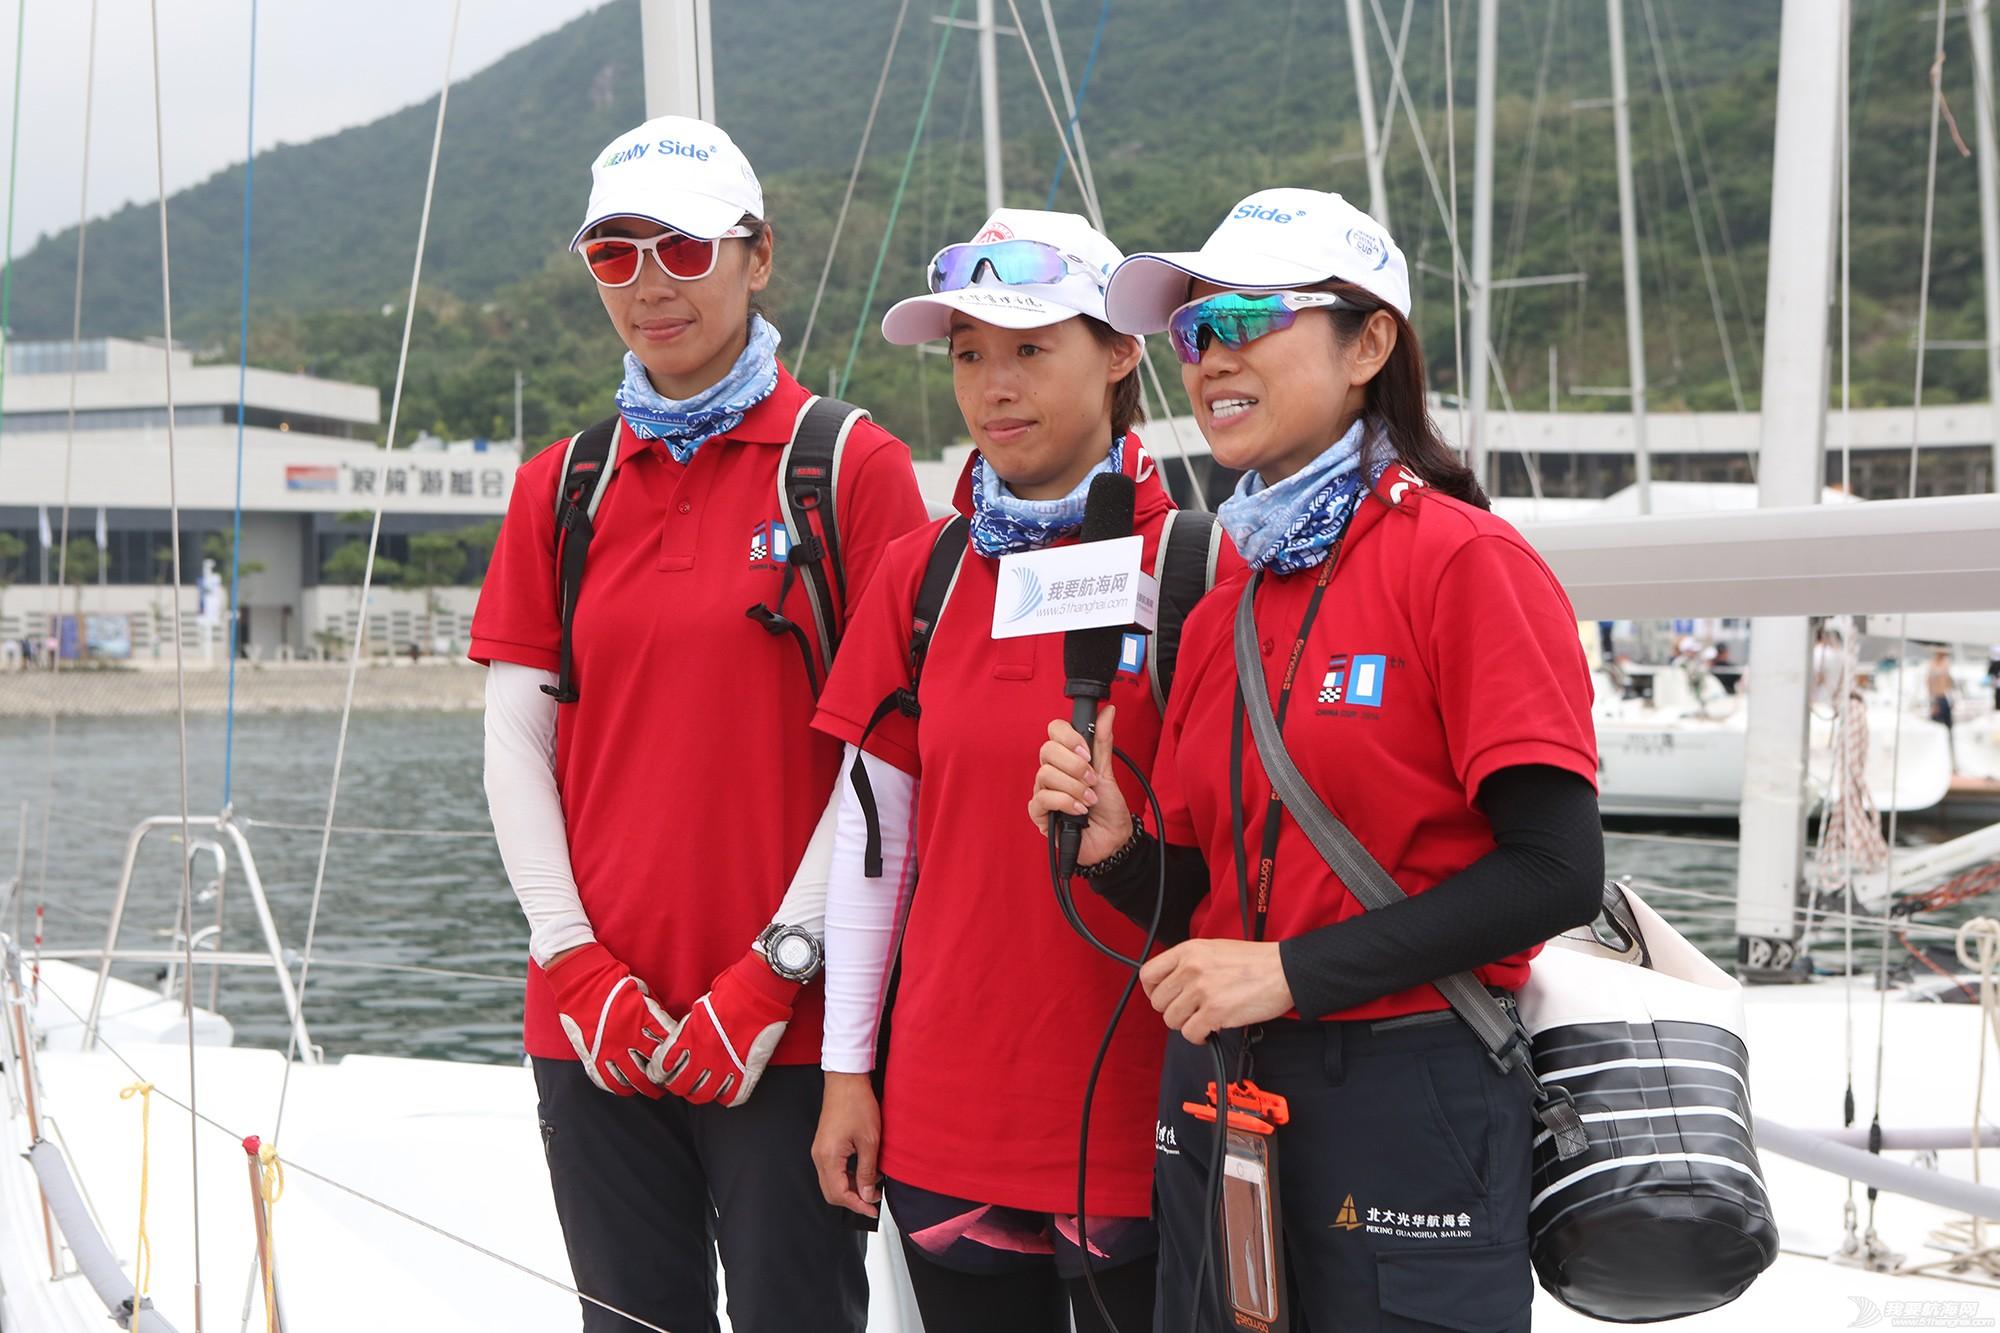 中国 我要航海网采访宋坤、徐京坤、翁少瑛等参加中国杯的船长、船员 (视频) 5V8A6522.JPG